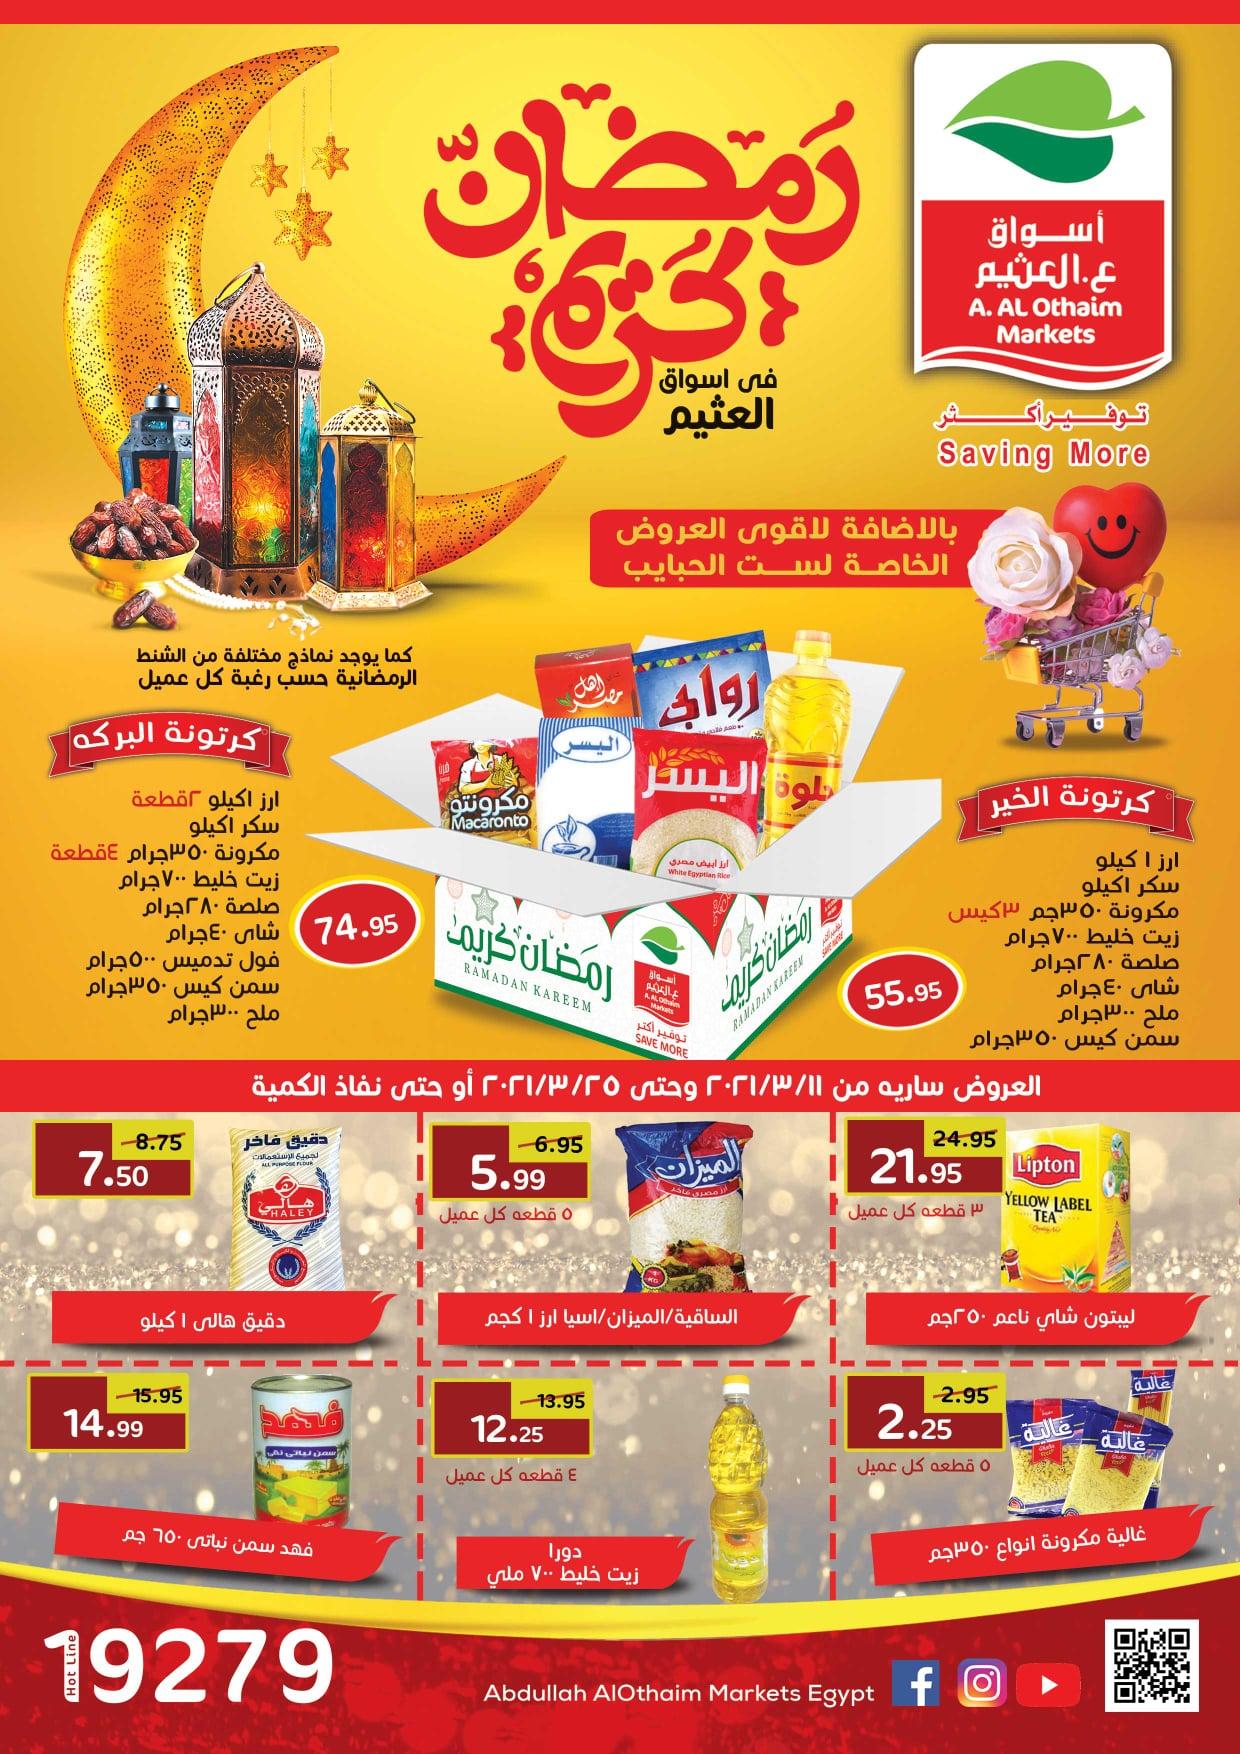 أجدد عروض أسواق العثيم بمناسبة رمضان 3